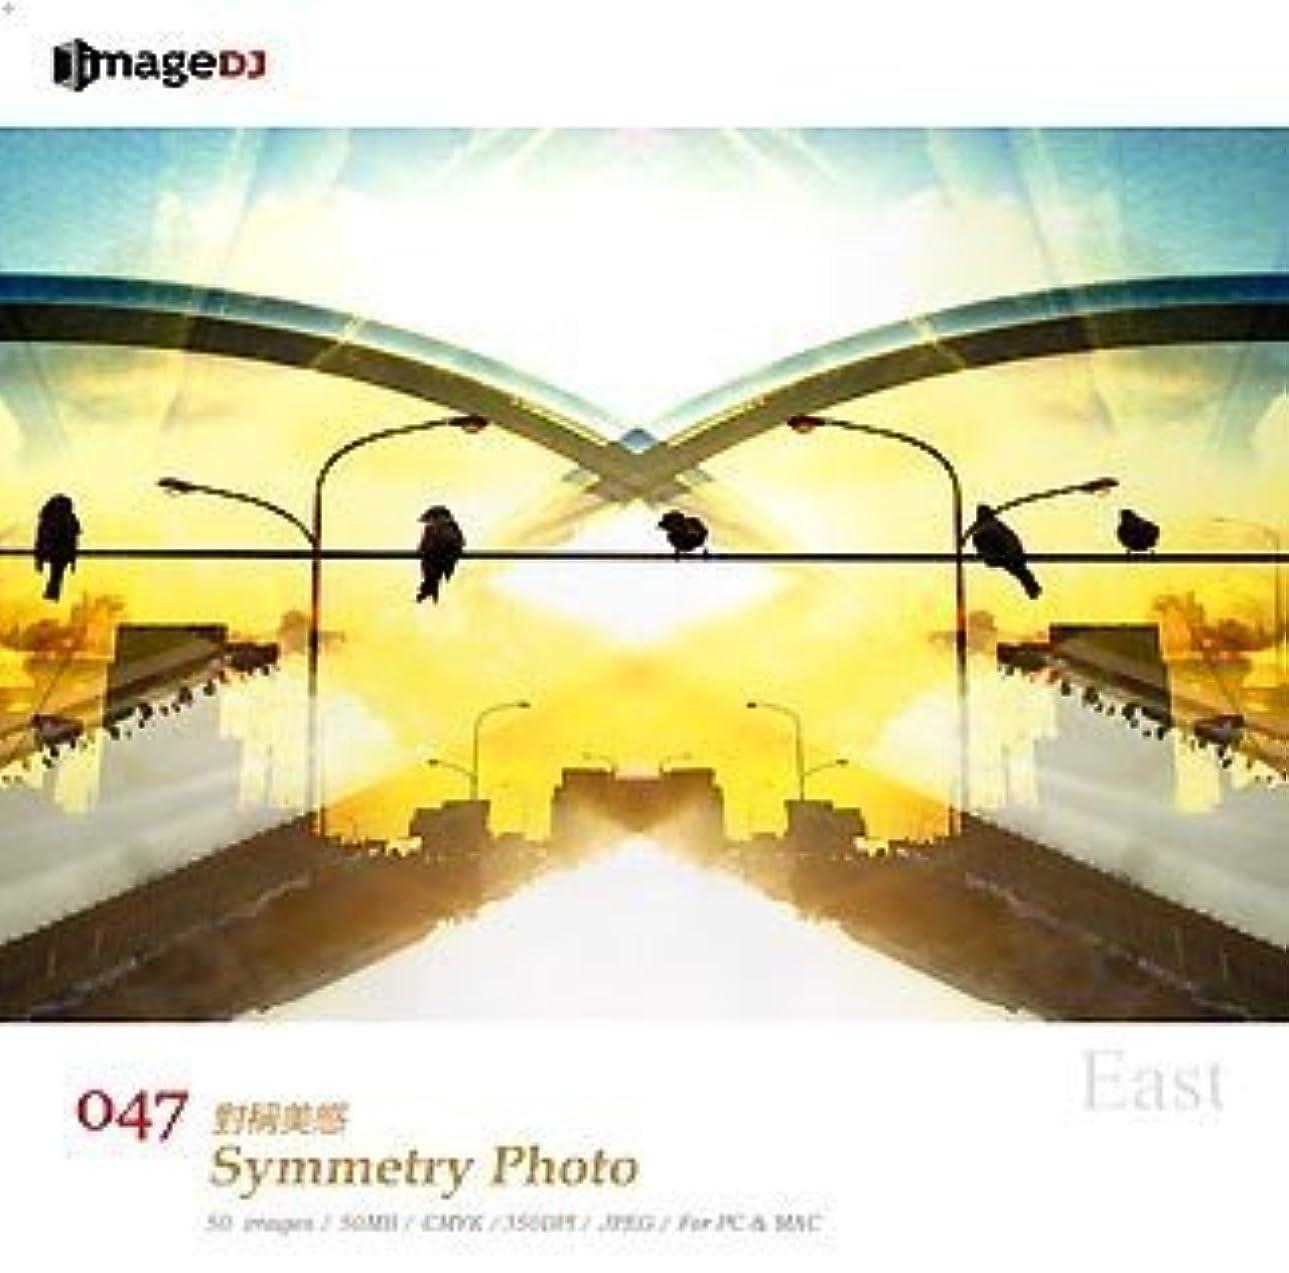 ハイランドピカソ同化するEAST vol.47 対称写真 Symmetry Photo